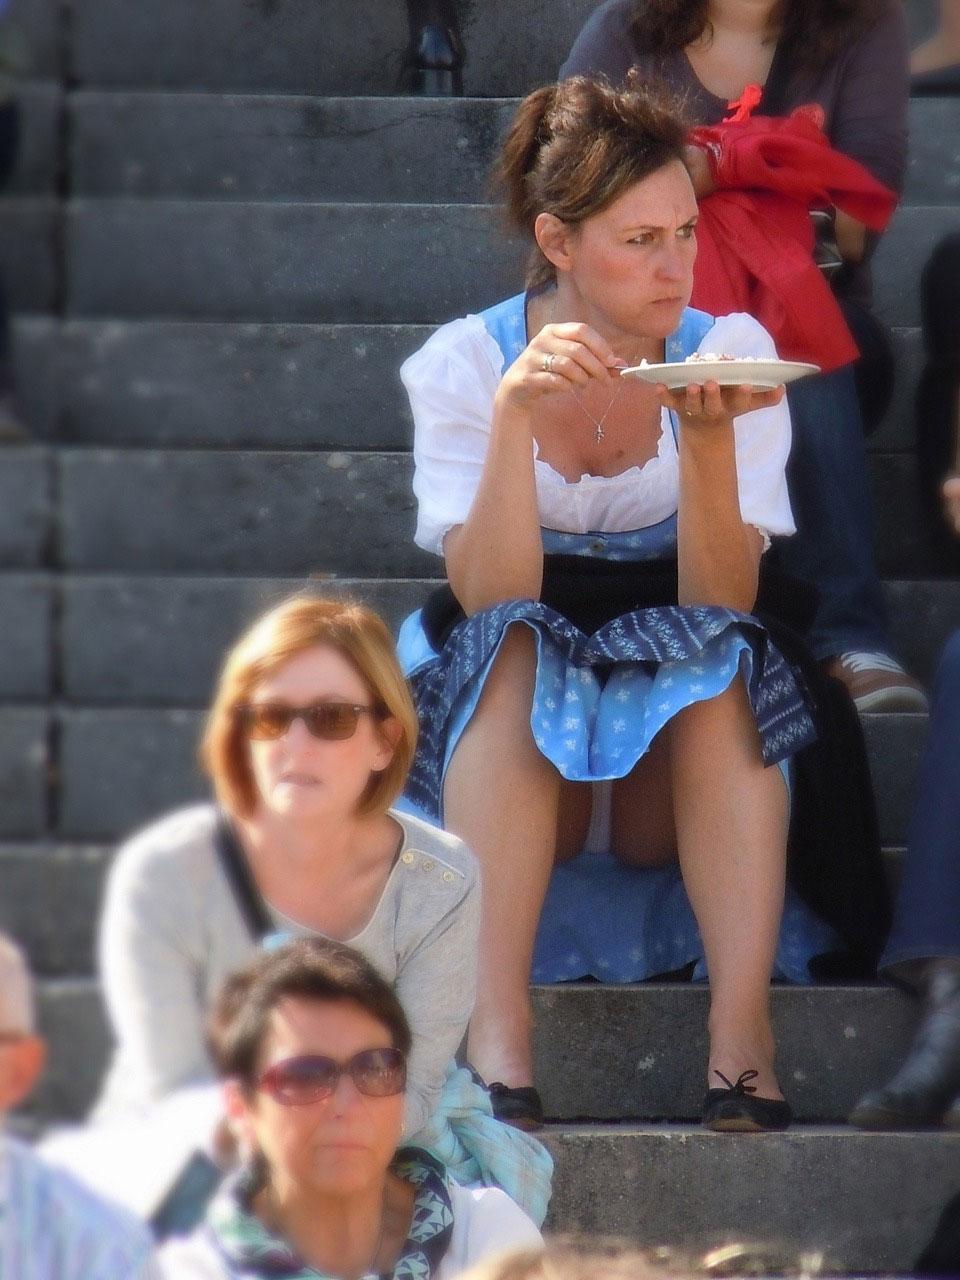 【パンチラエロ画像】余裕で見るばかりでなくw食い込みも露わな海外パンチラ(;゚Д゚)